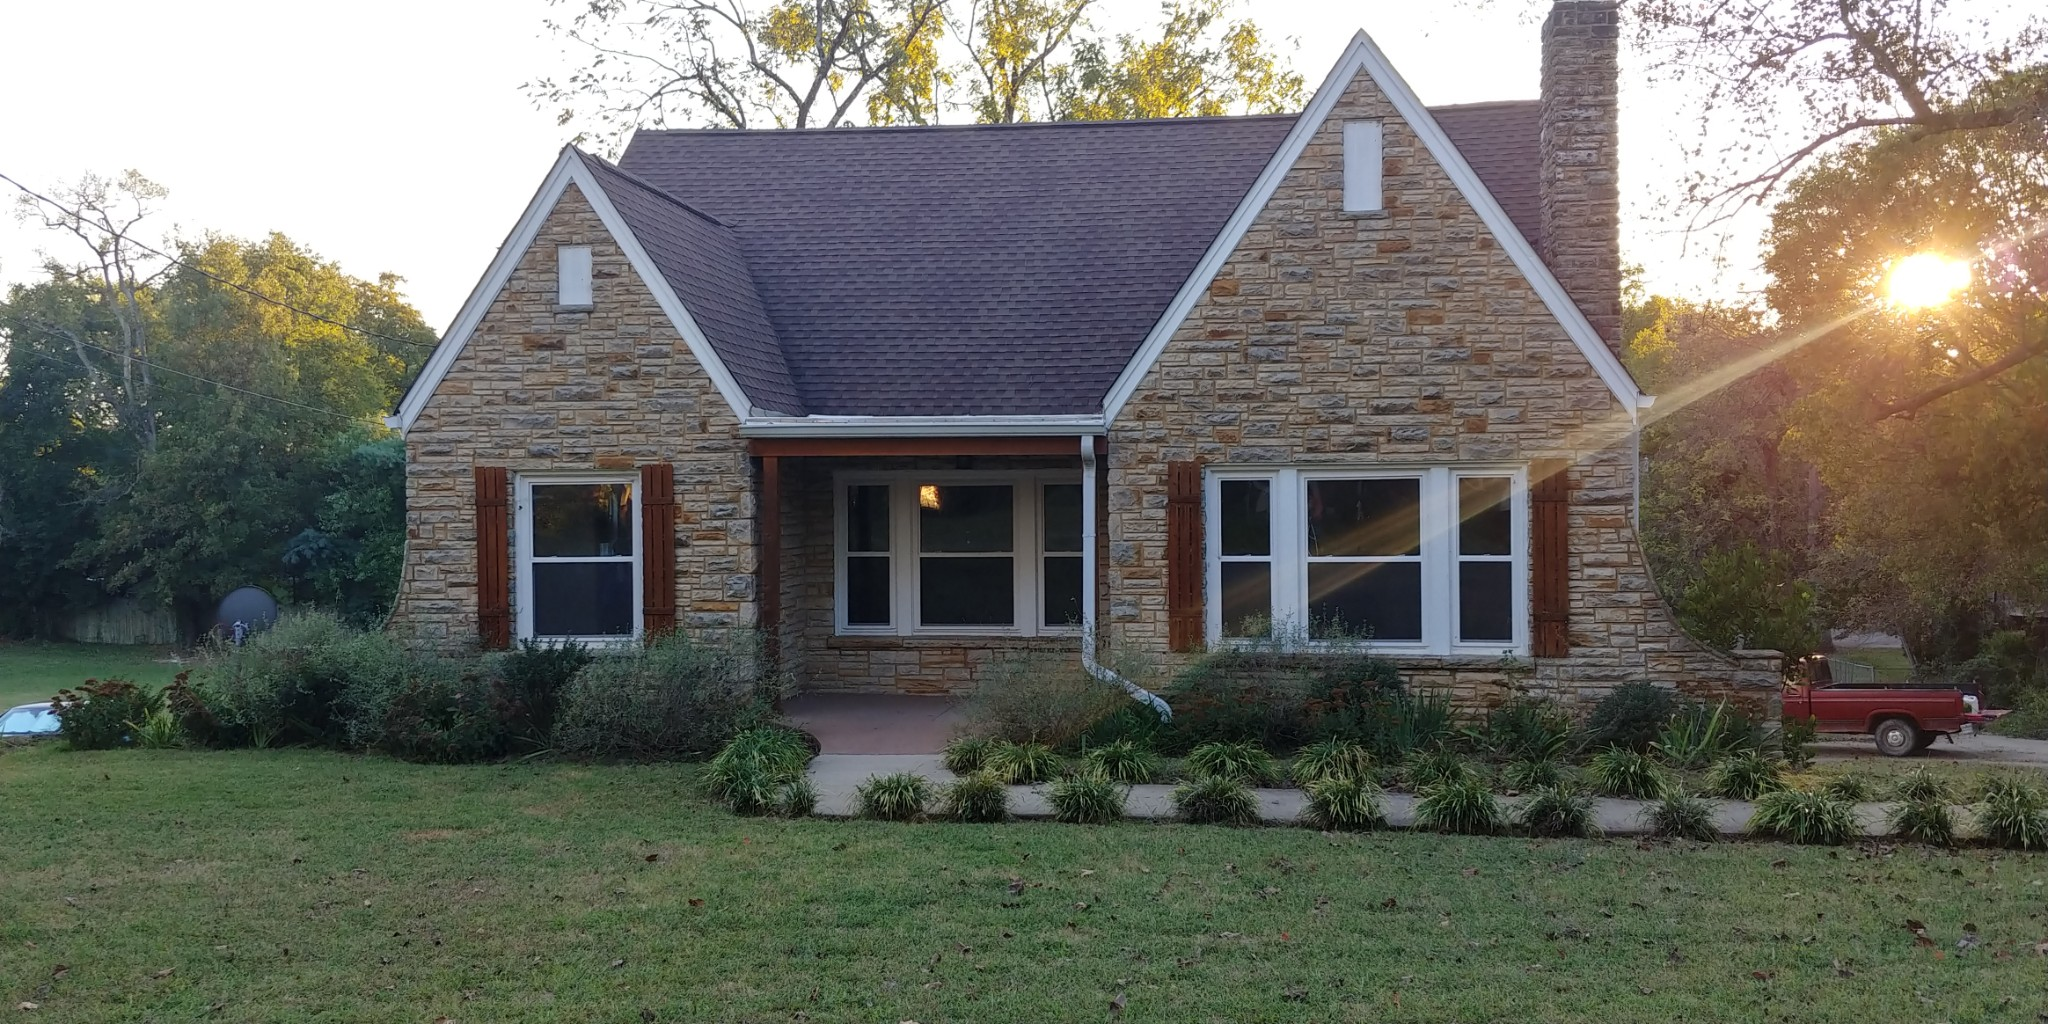 $589,900 - 4Br/2Ba -  for Sale in Stratford, Nashville